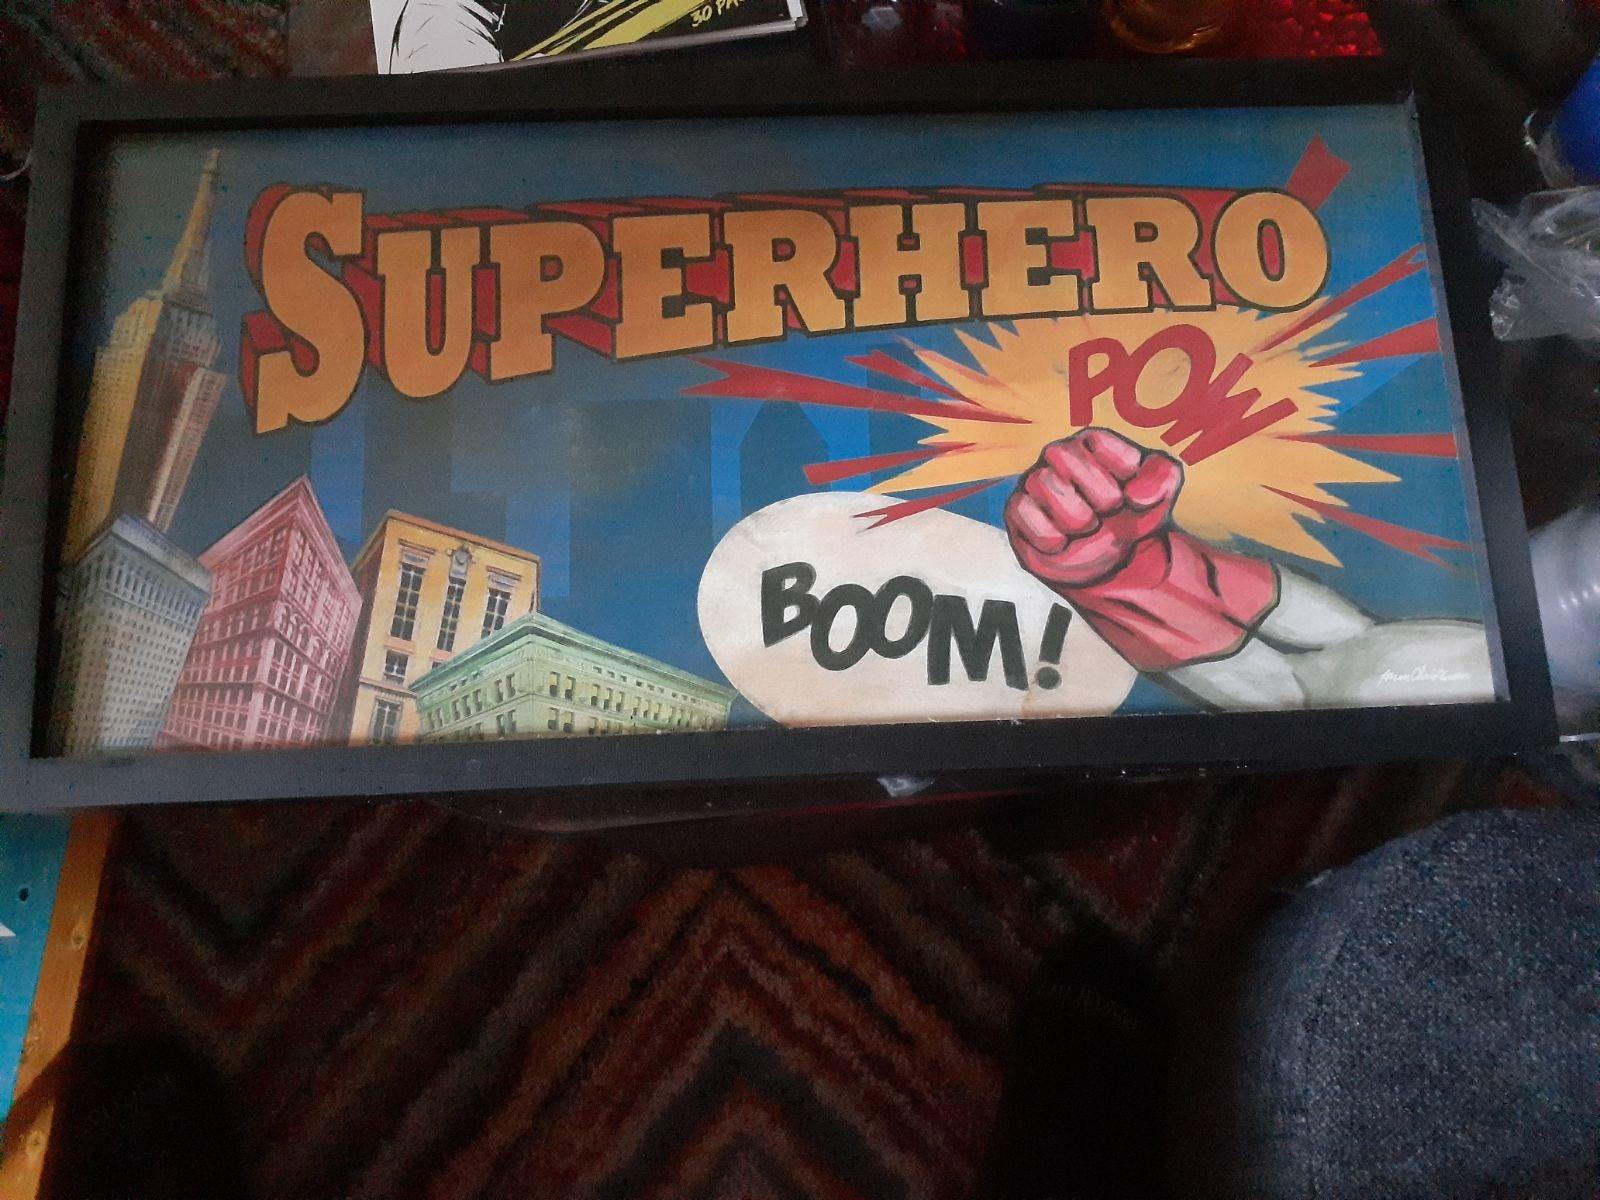 SUPER HERO POW BOOM PICTURE